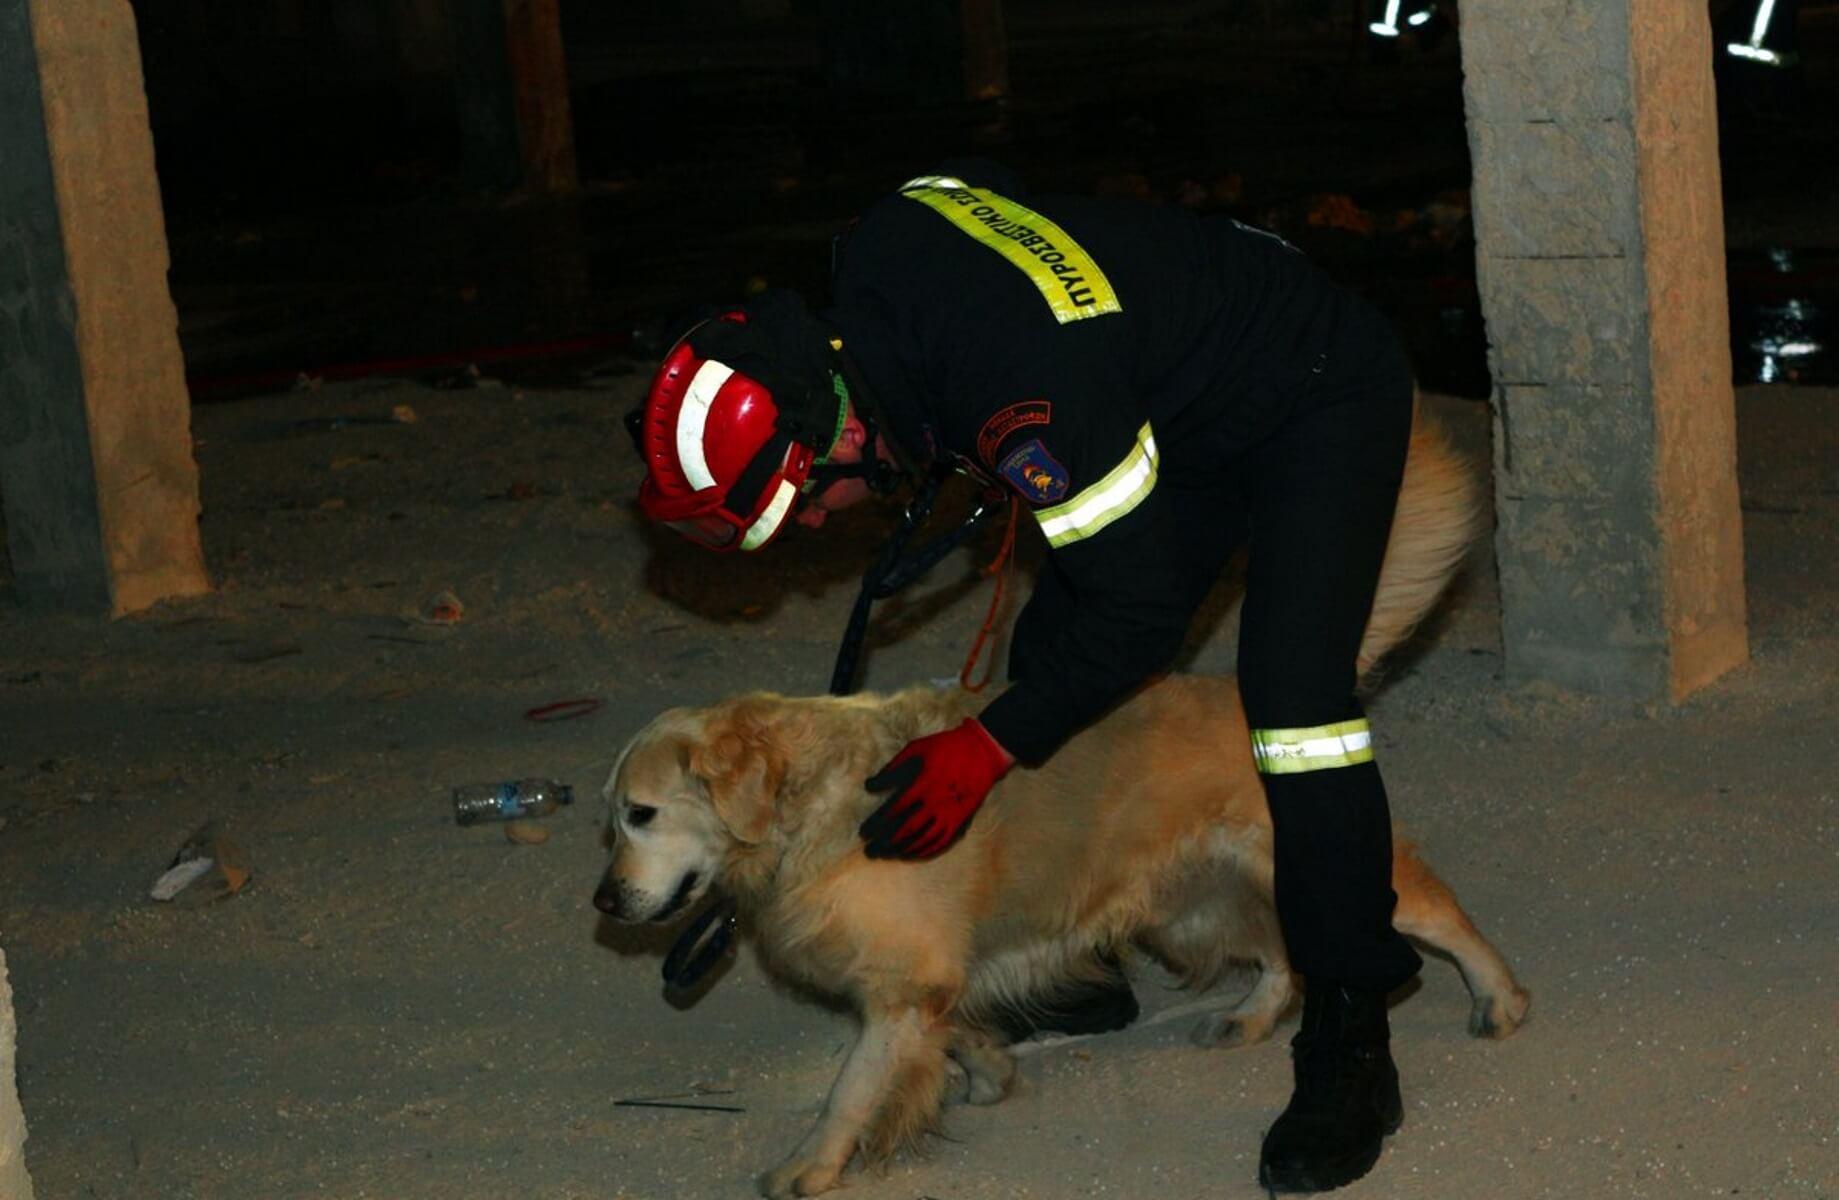 Ο σκύλος της 7ης ΕΜΑΚ έσωσε ηλικιωμένο που είχε εξαφανιστεί και η ζωή του ήταν σε κίνδυνο